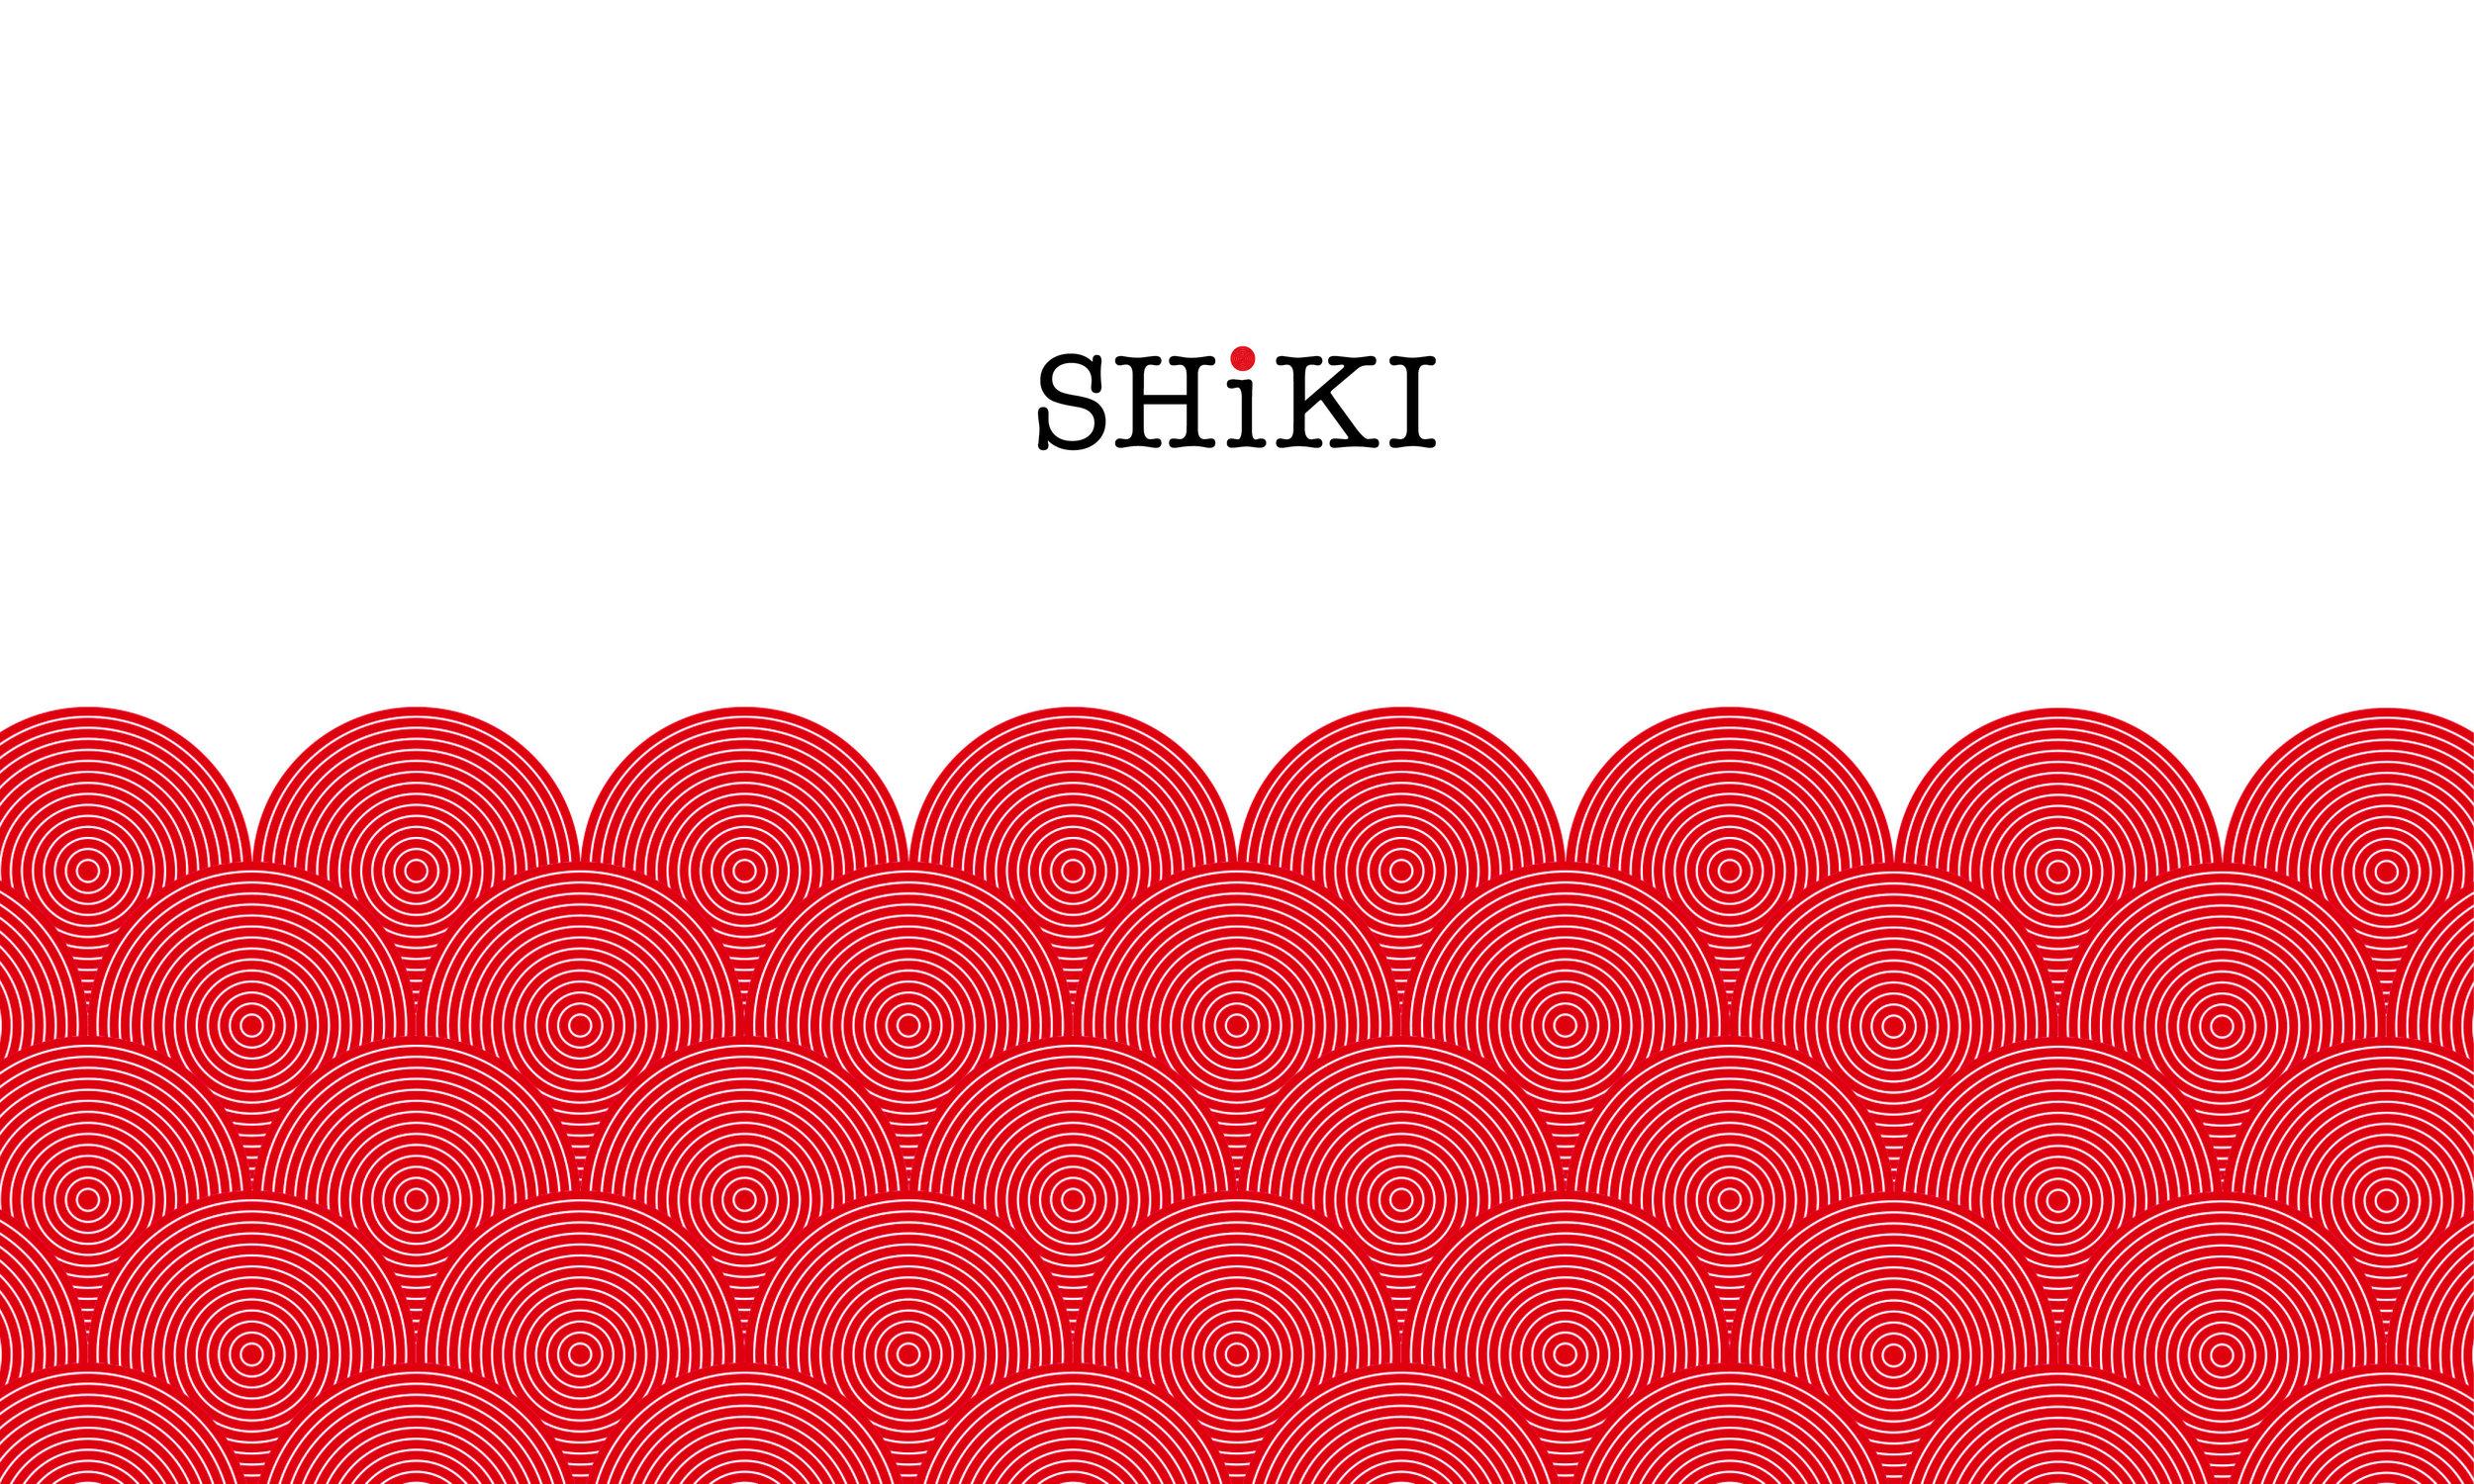 Client: Shiki